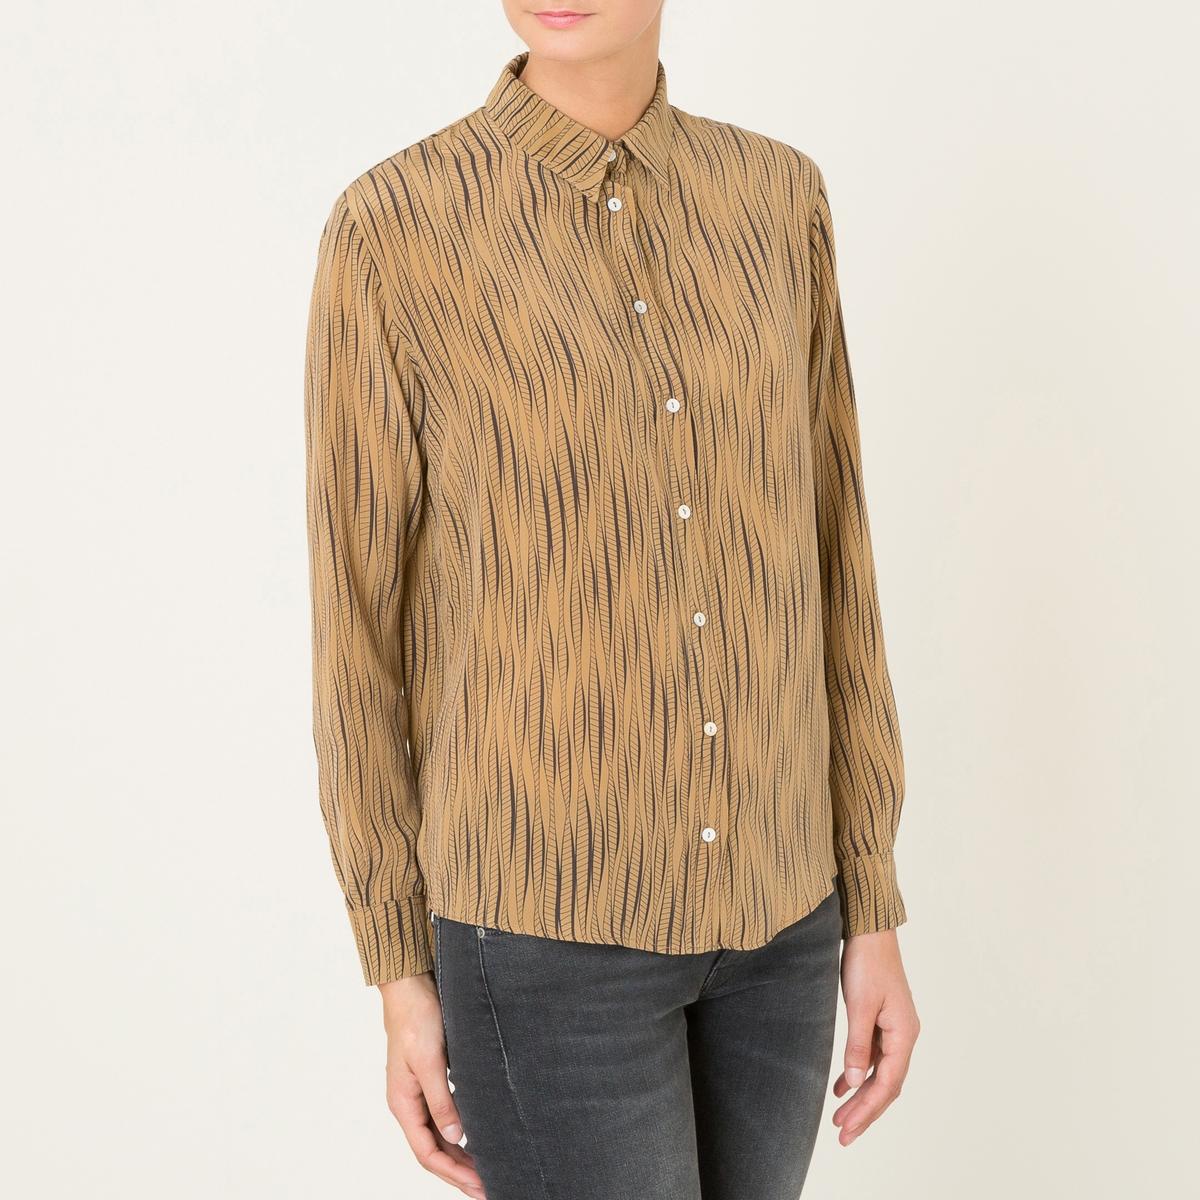 Рубашка SILVIAРубашка DIEGA - модель SILVIA . Сплошной принт. Заостренные края воротника. Перед и манжеты на пуговицах  . Закругленный низ, более длинная спинка .Состав &amp; Детали Материал : 100% шелк.Марка : DIEGA<br><br>Цвет: охра